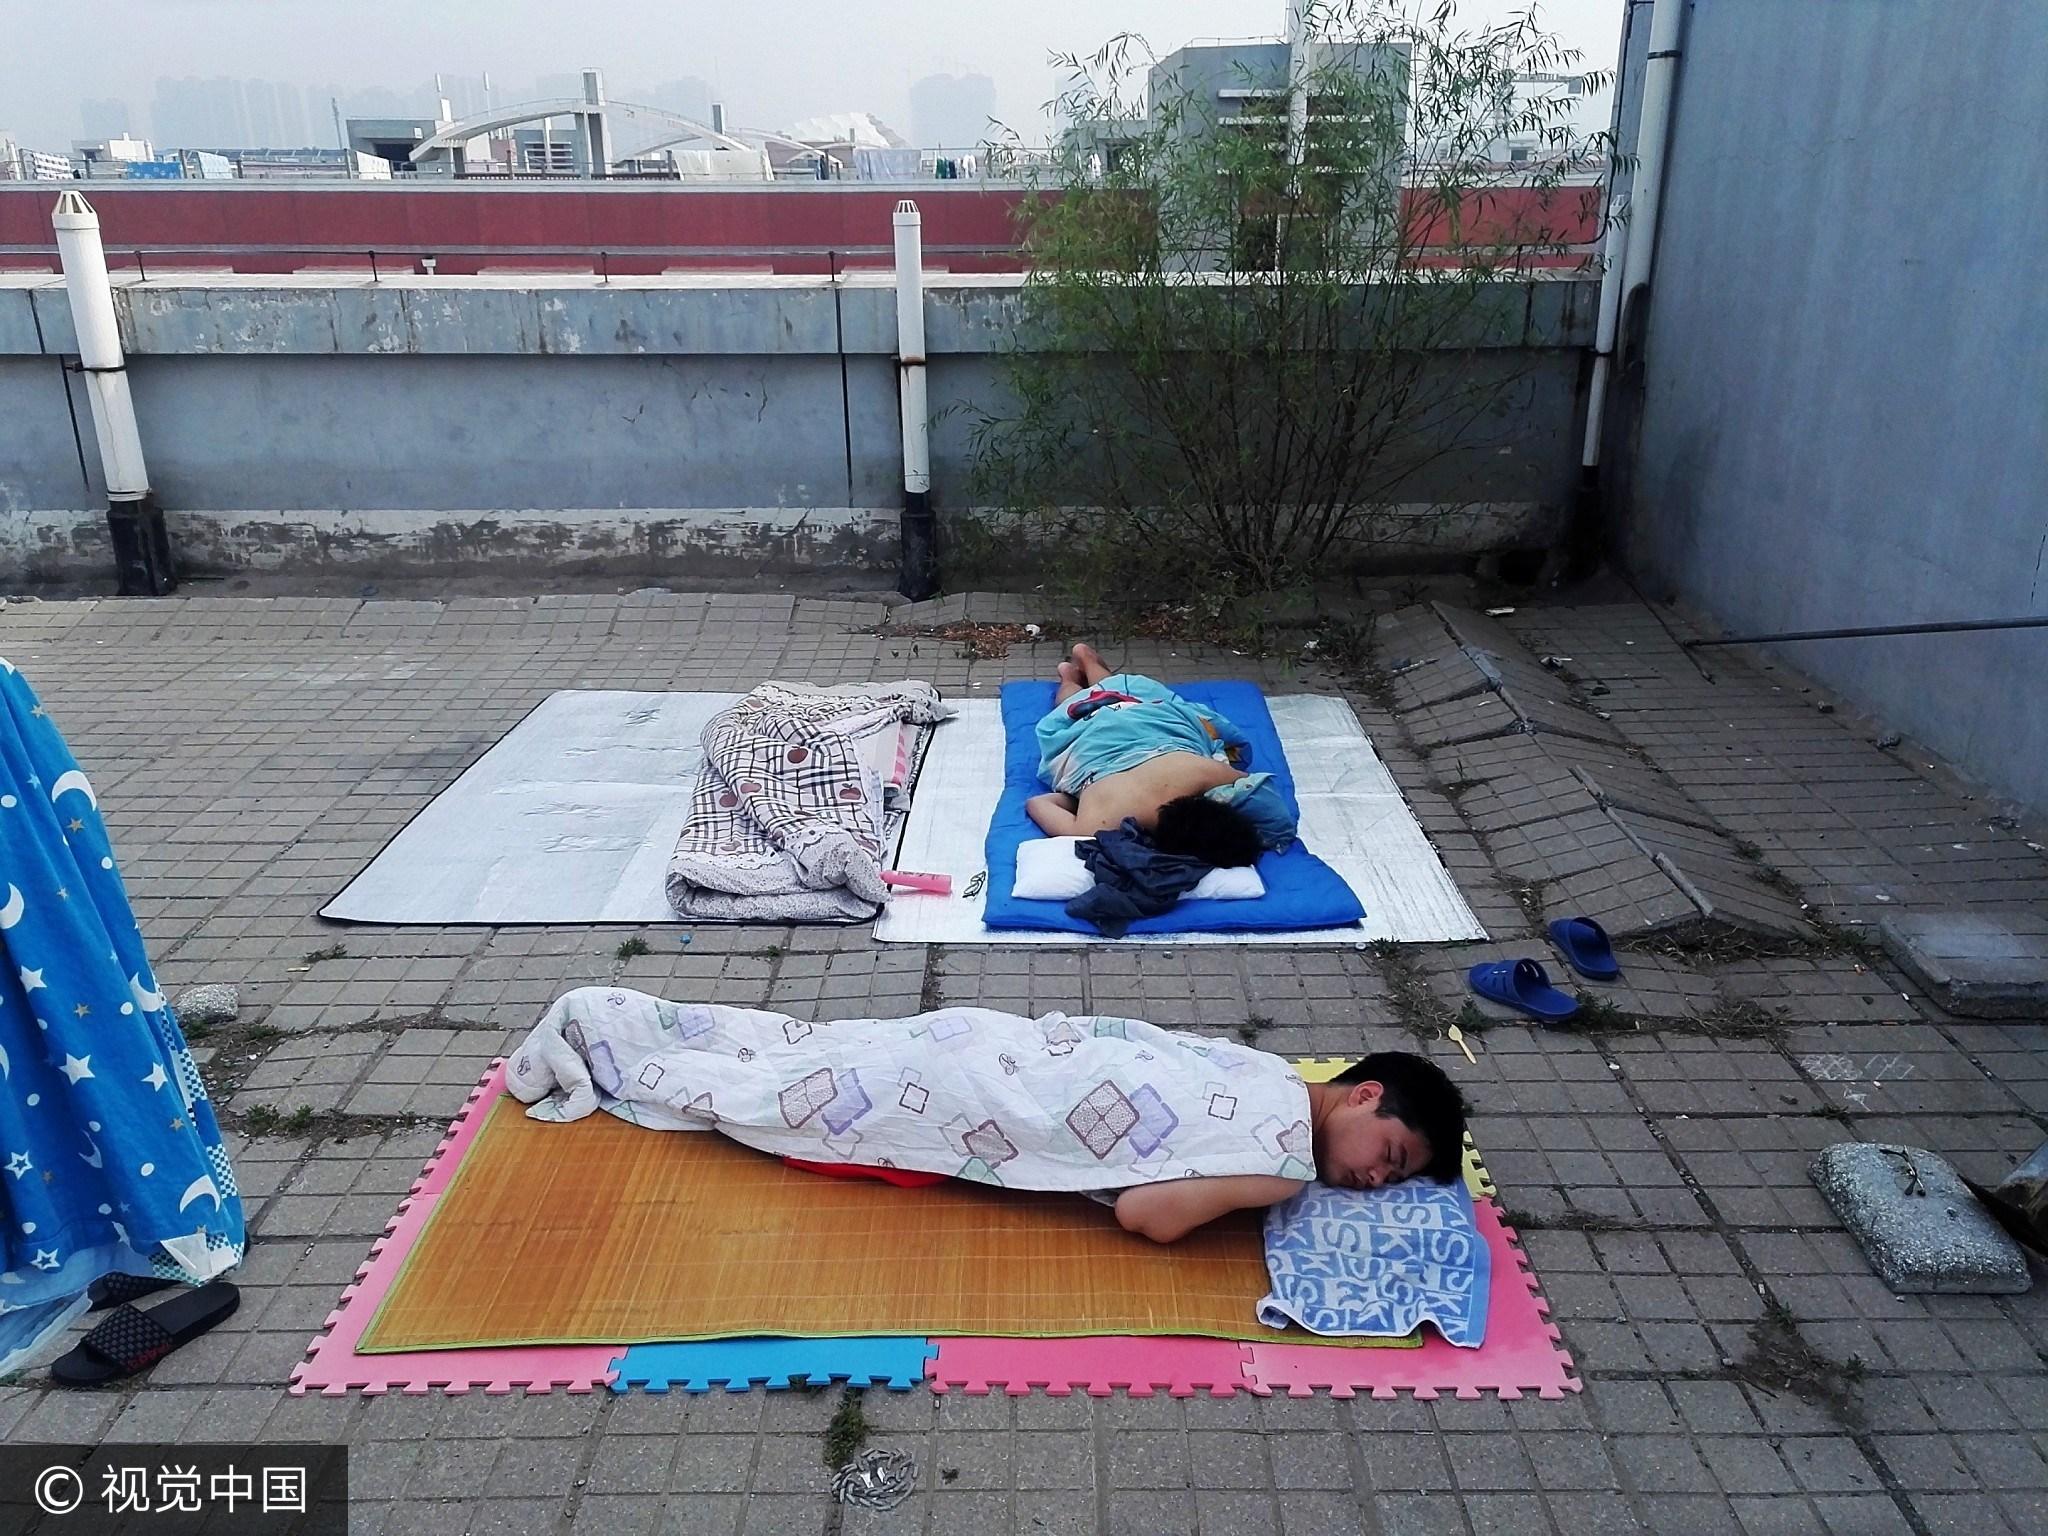 郑州一高校大学生避暑 睡楼顶打地铺